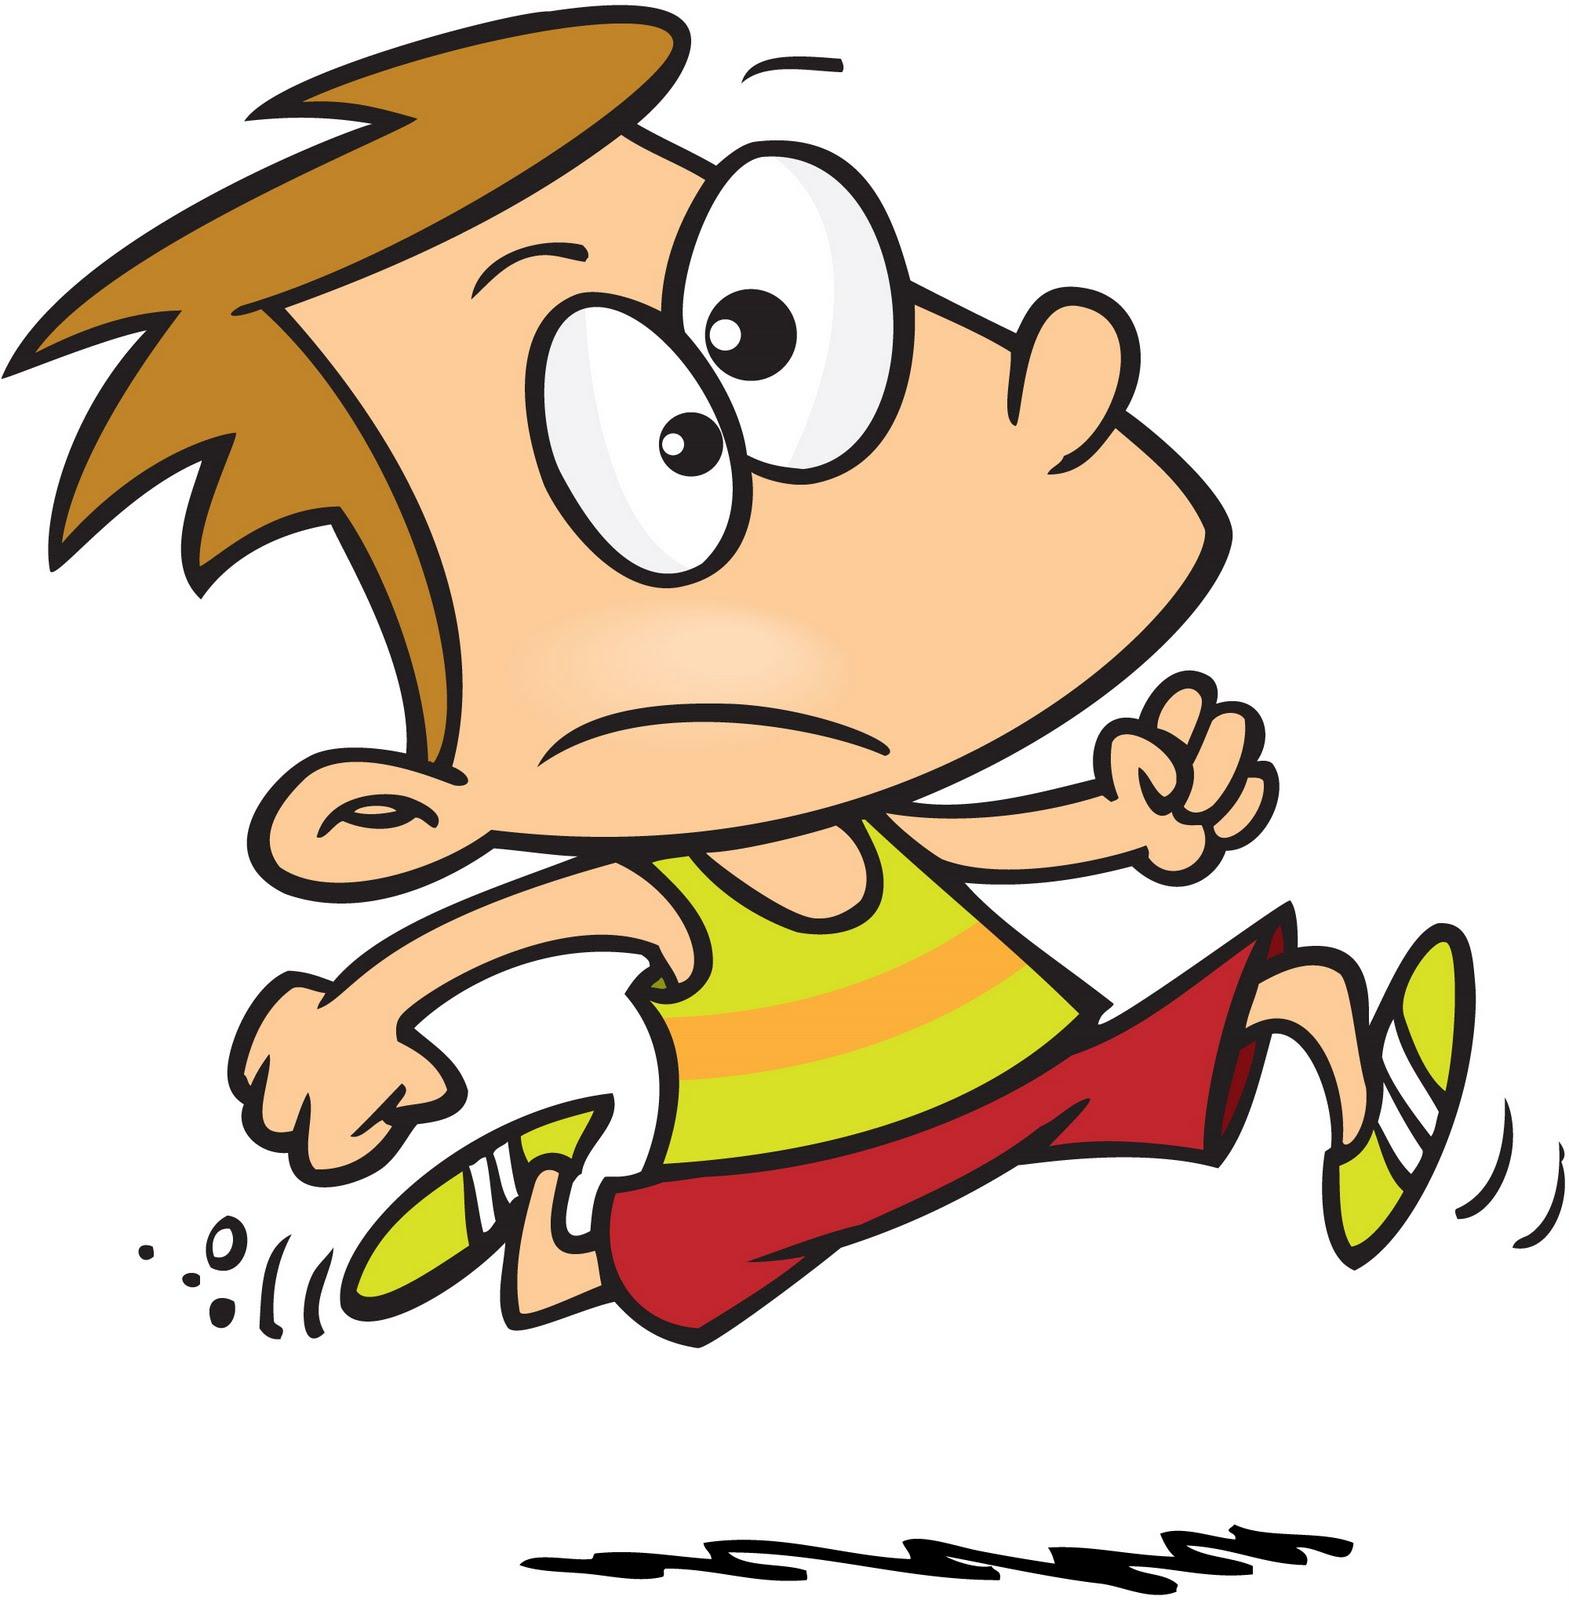 Pe class clipart running.